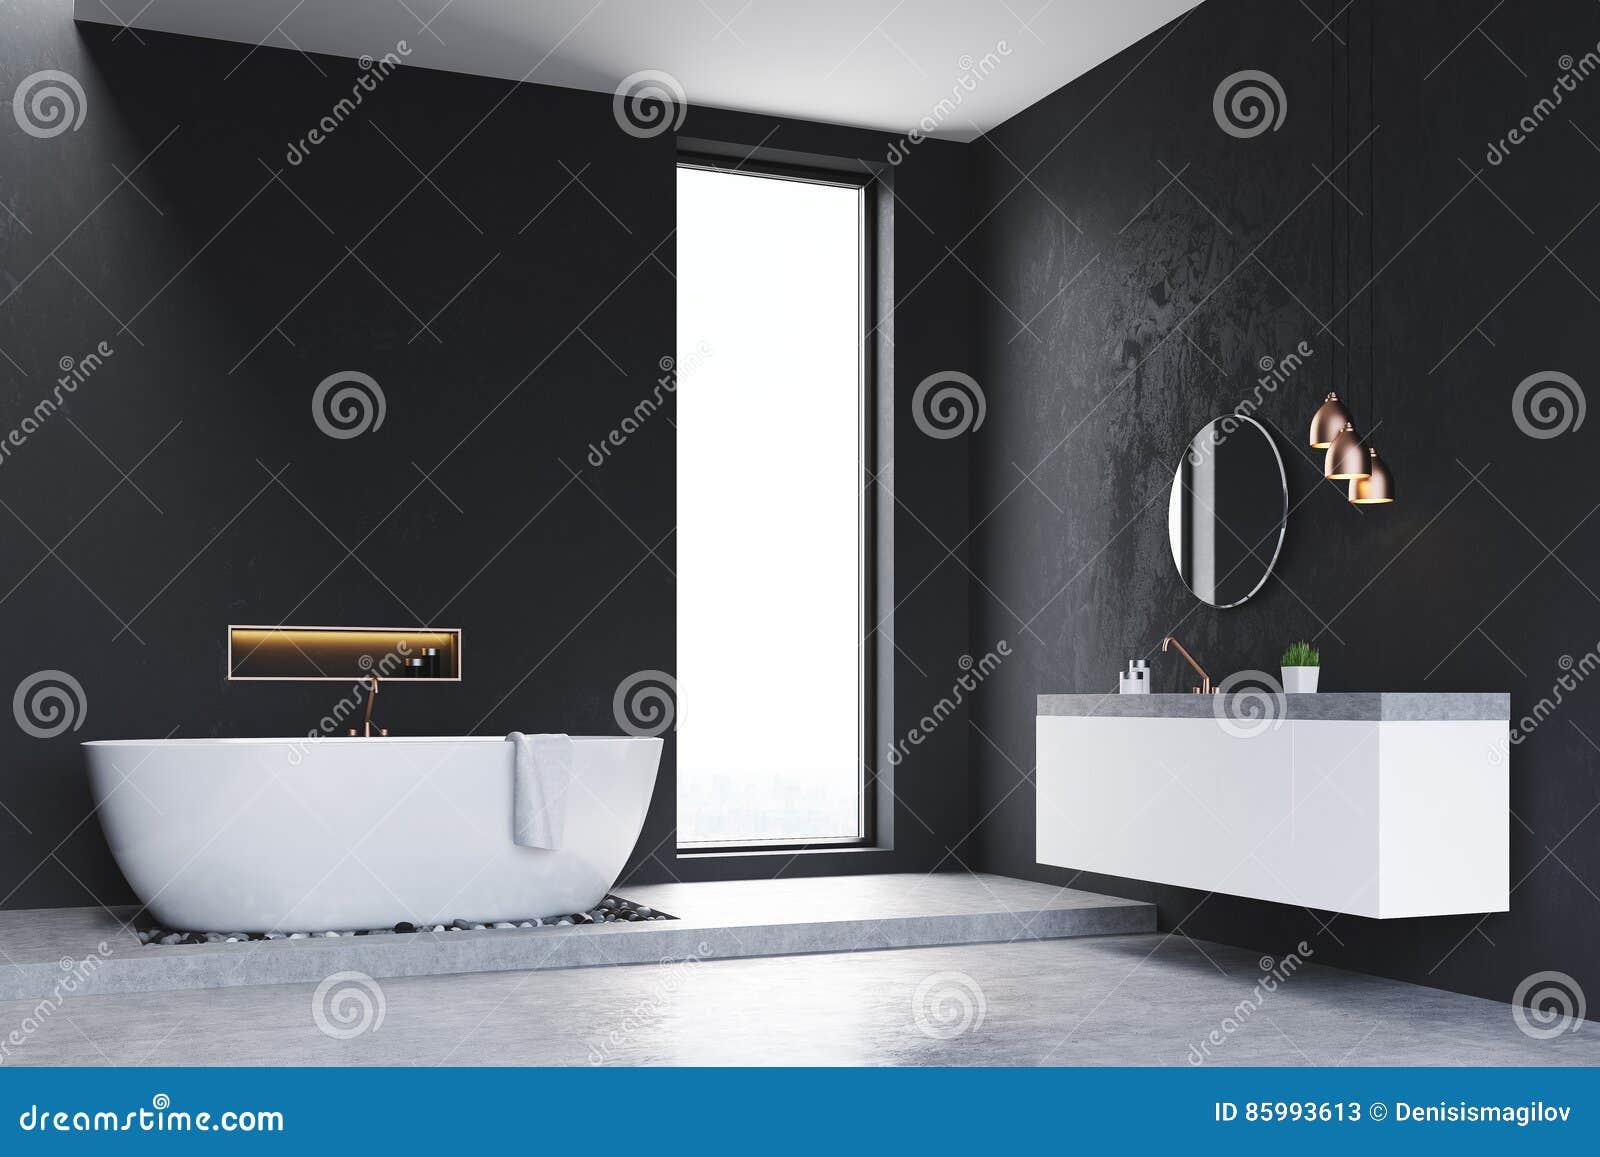 Hoek Wasbak Badkamer : Hoek van badkamers met venster en gootsteen stock illustratie